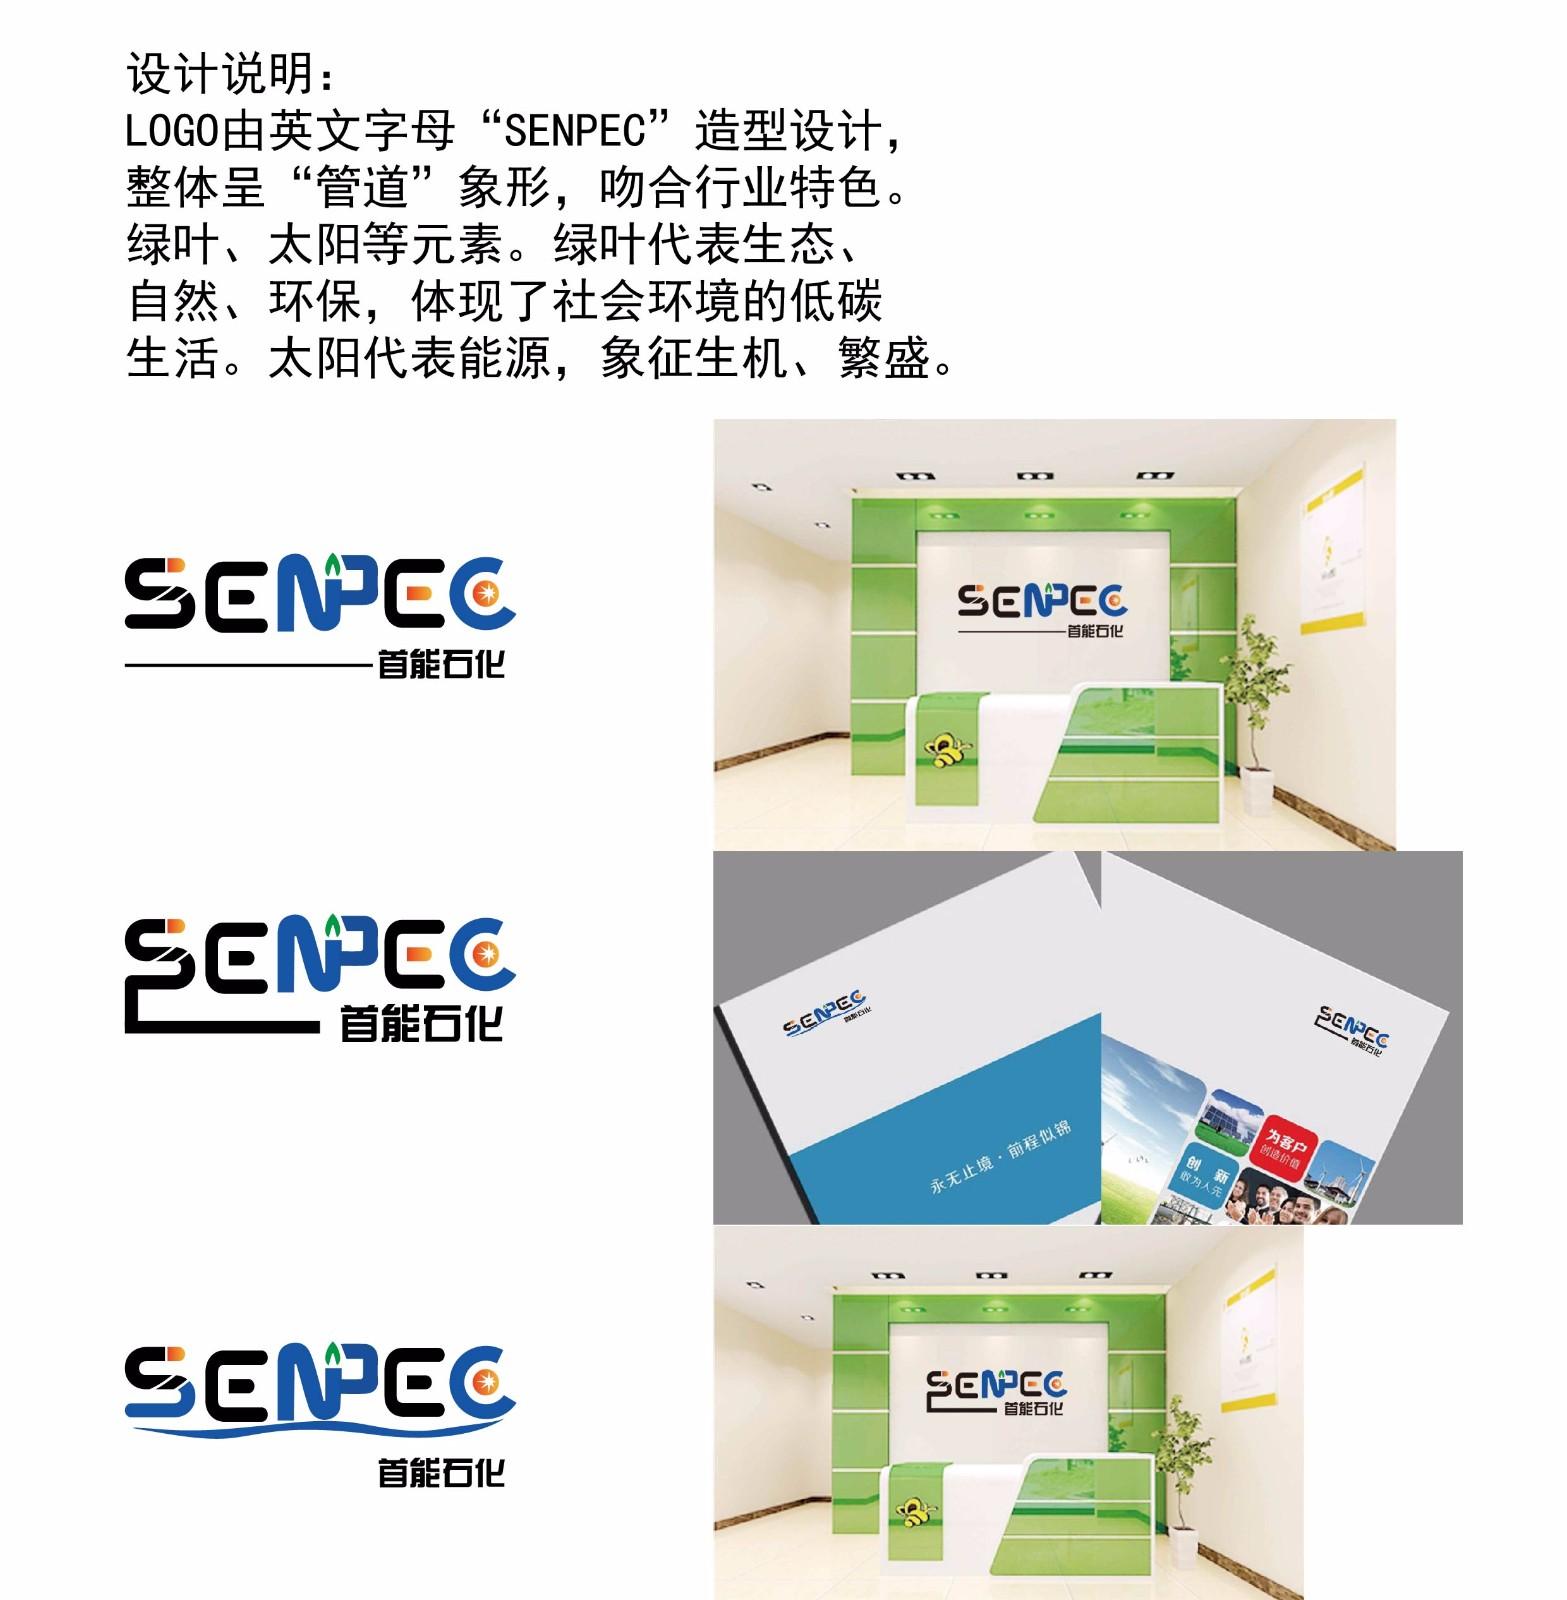 LOGO设计-logo设计,服务培训-水源网台湾平面设计设计图片